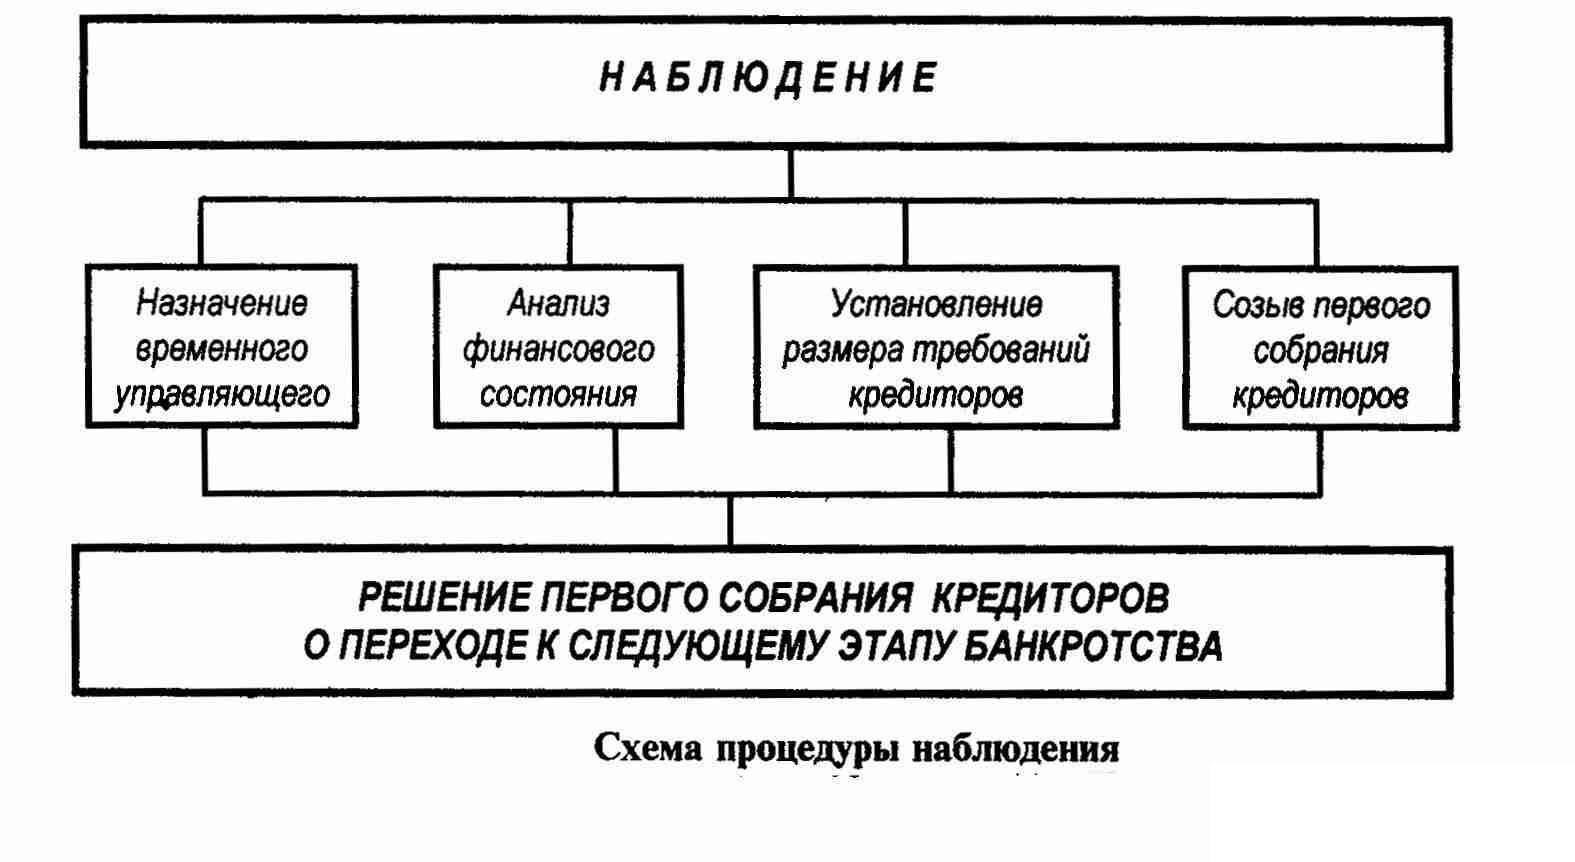 судебные процедуры связанные с банкротством наблюдение